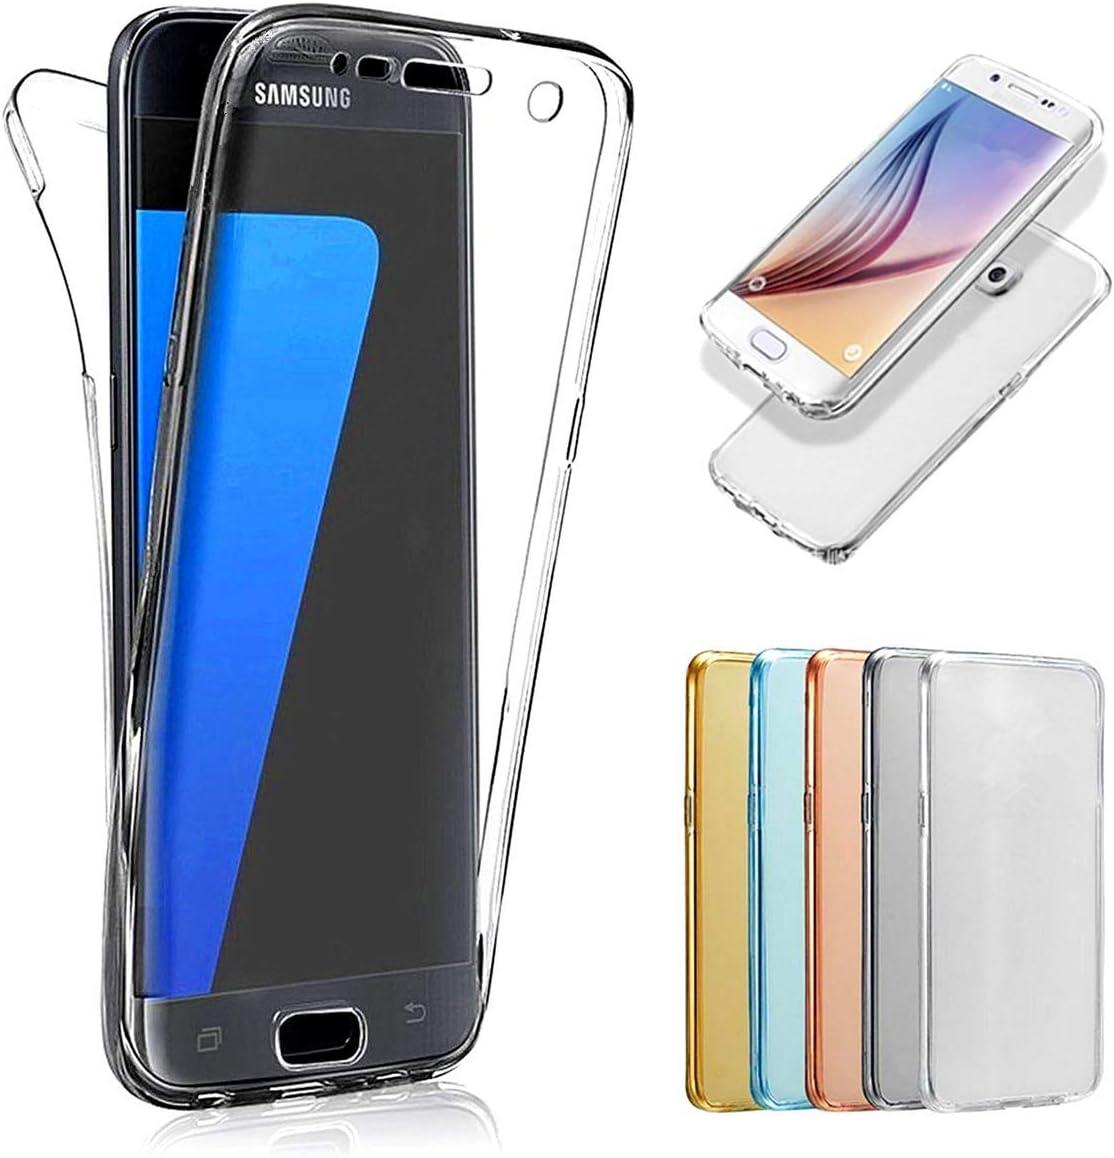 Dclbo Für Samsung Galaxy A50 Hülle Handyhülle Full Body Case Silikon Tpu Transparent 360 Grad Vorne Und Hinten Schutzhülle Durchsichtig Dünn Stoßfest Silikonhülle Für Samsung Galaxy A50 Transparent Musikinstrumente